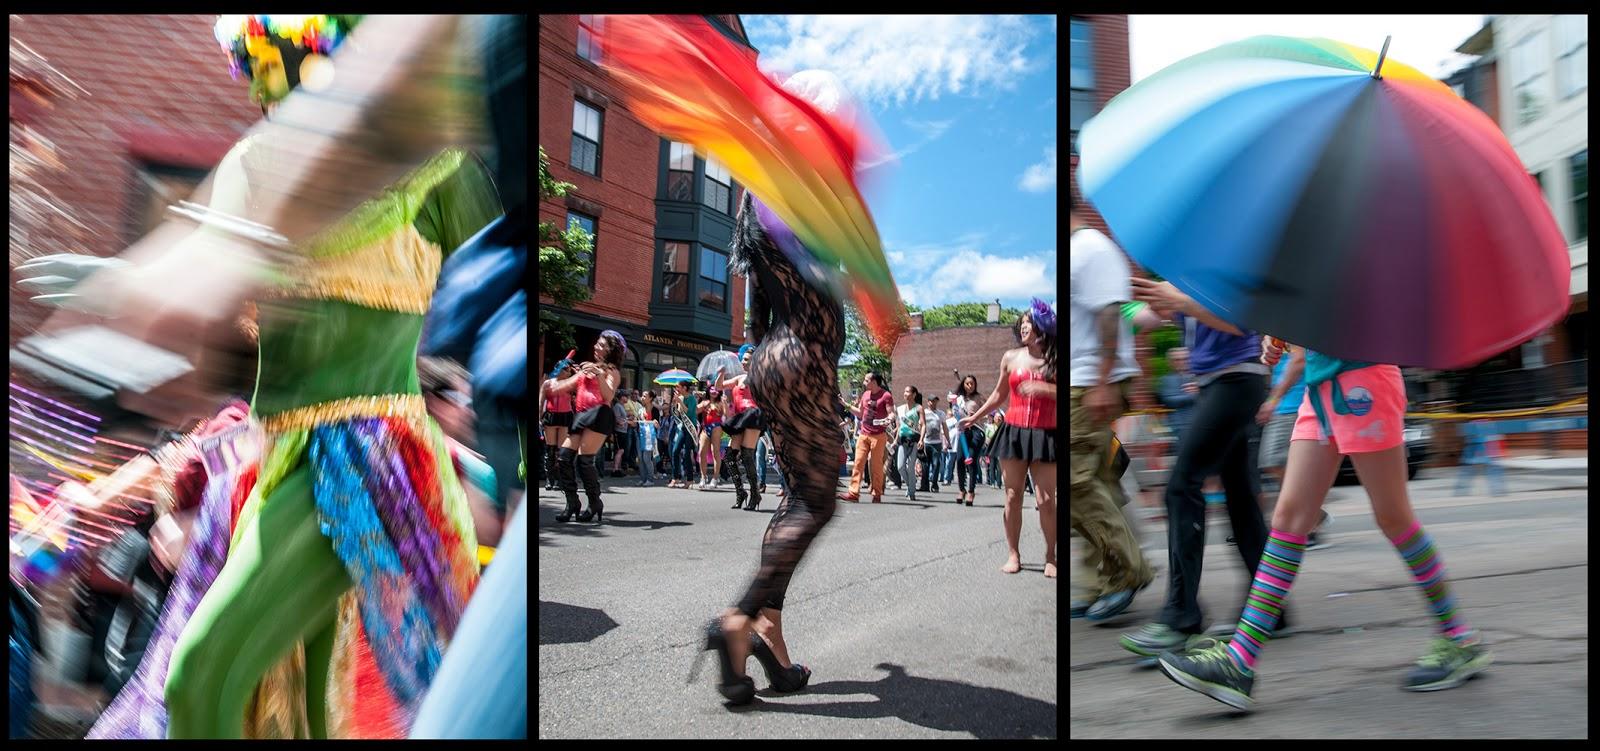 from Bo gay pride in boston